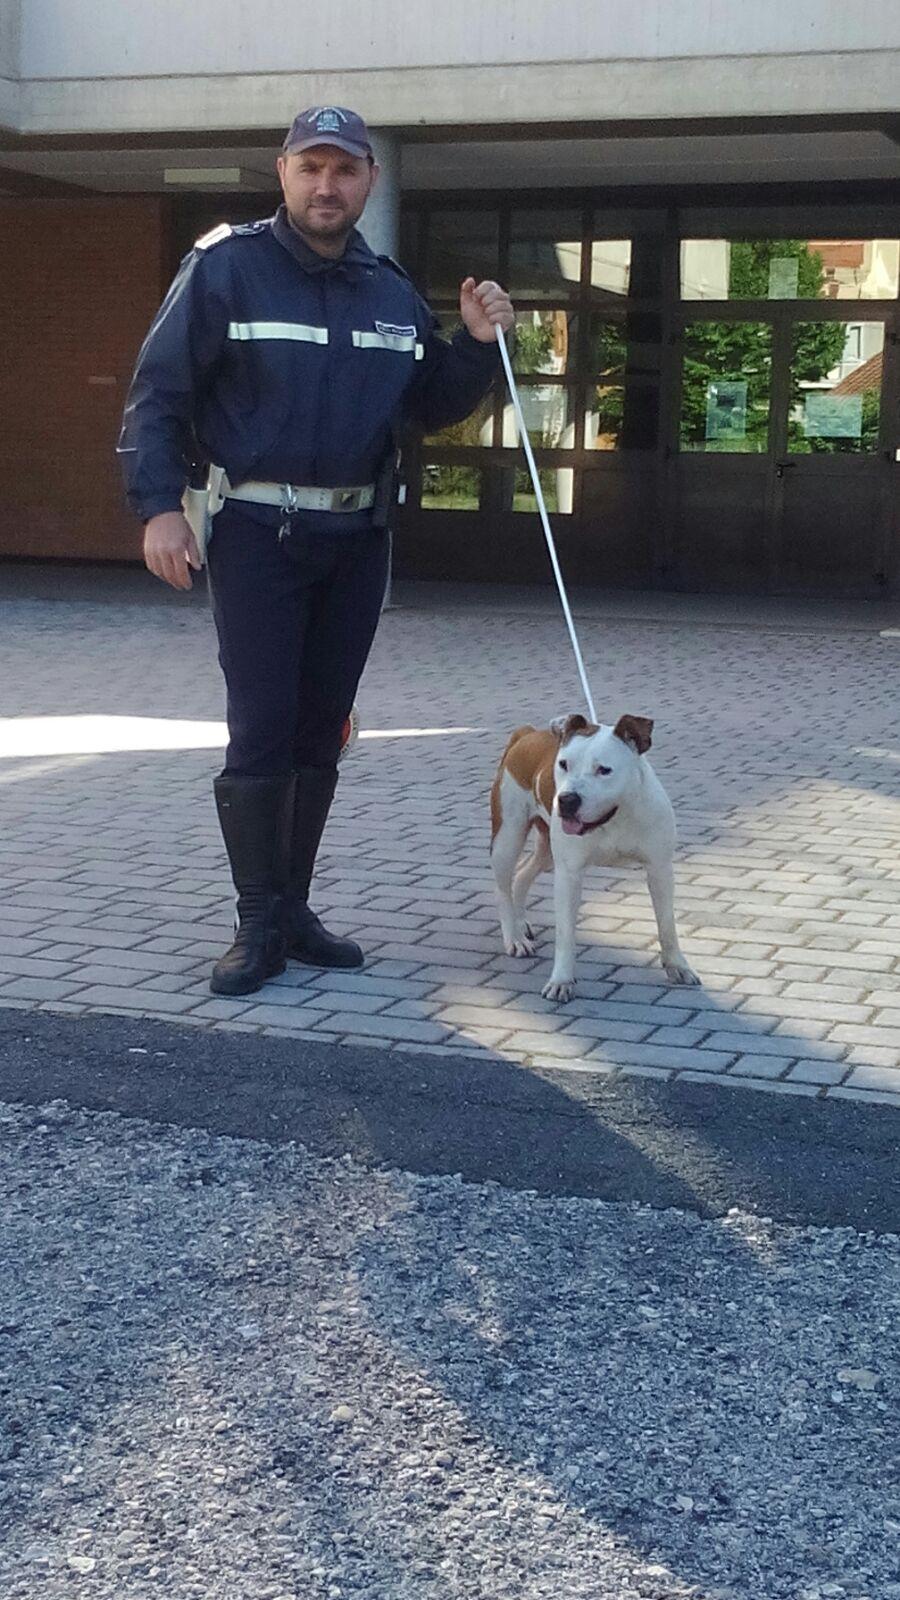 Pescara: pitbull a scuola tra studenti, riconsegnato al padrone